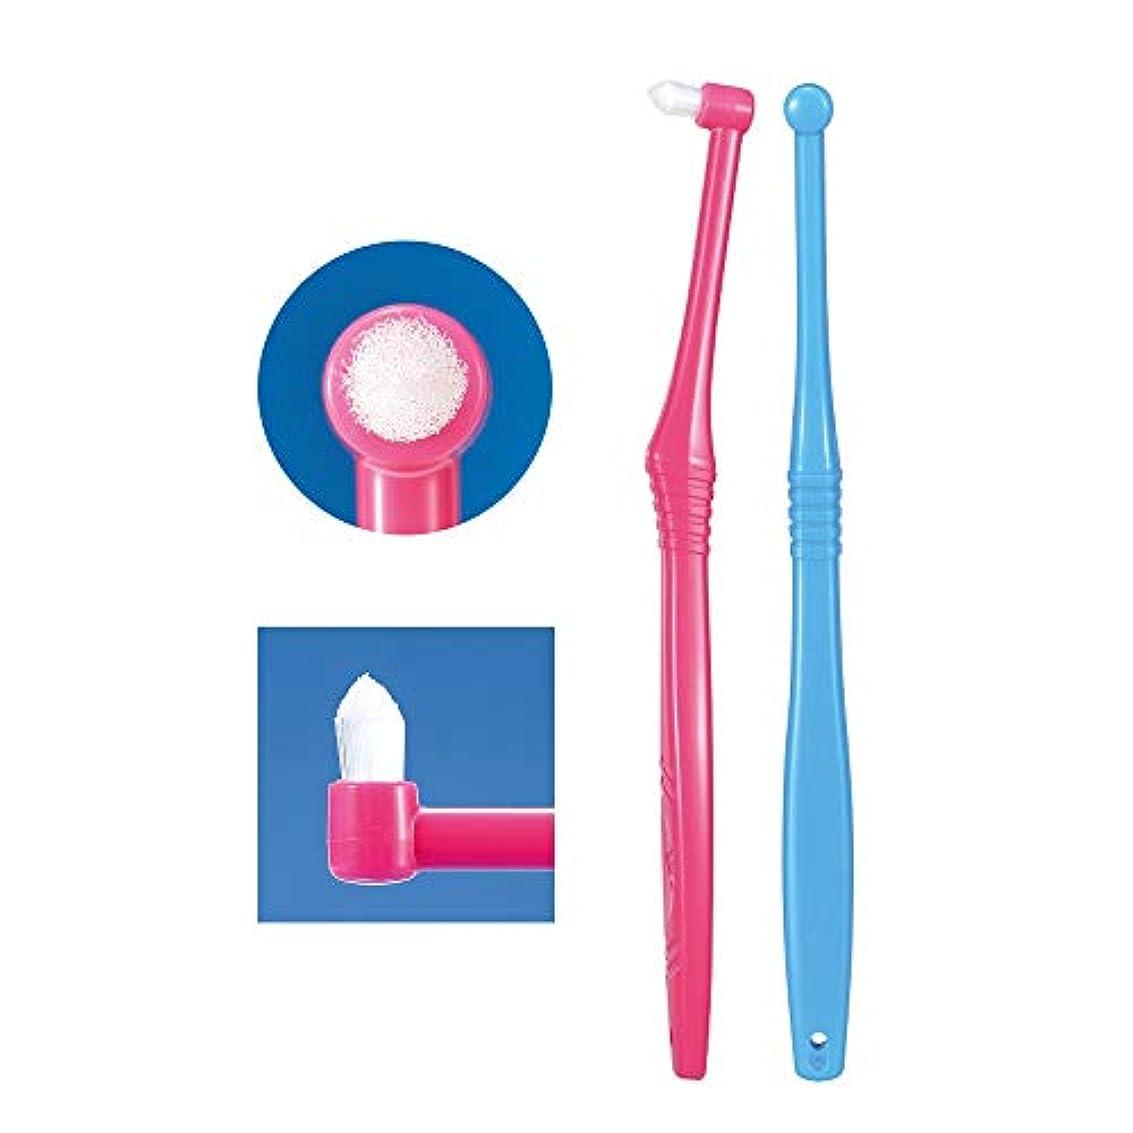 出来事ジョージバーナードごちそうCi PROワンタフト 1本 ラージヘッド S(やわらかめ) ポイント磨き 歯科専売品